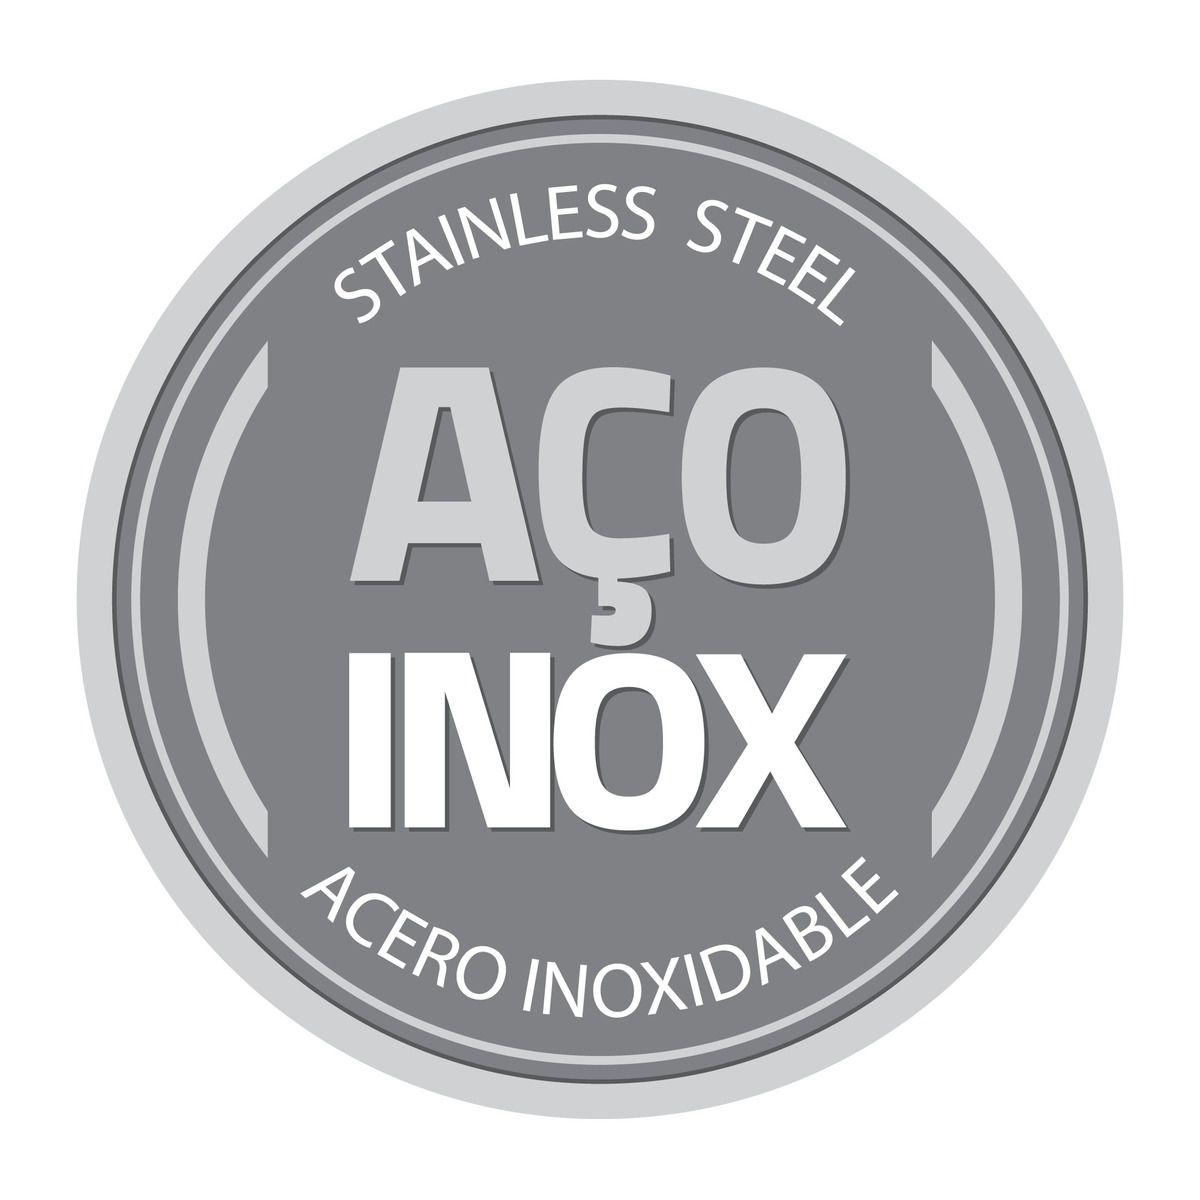 Bandeja Tramontina Cosmos Retangular em Aço Inox 39 cm 61316/390   Lojas Estrela